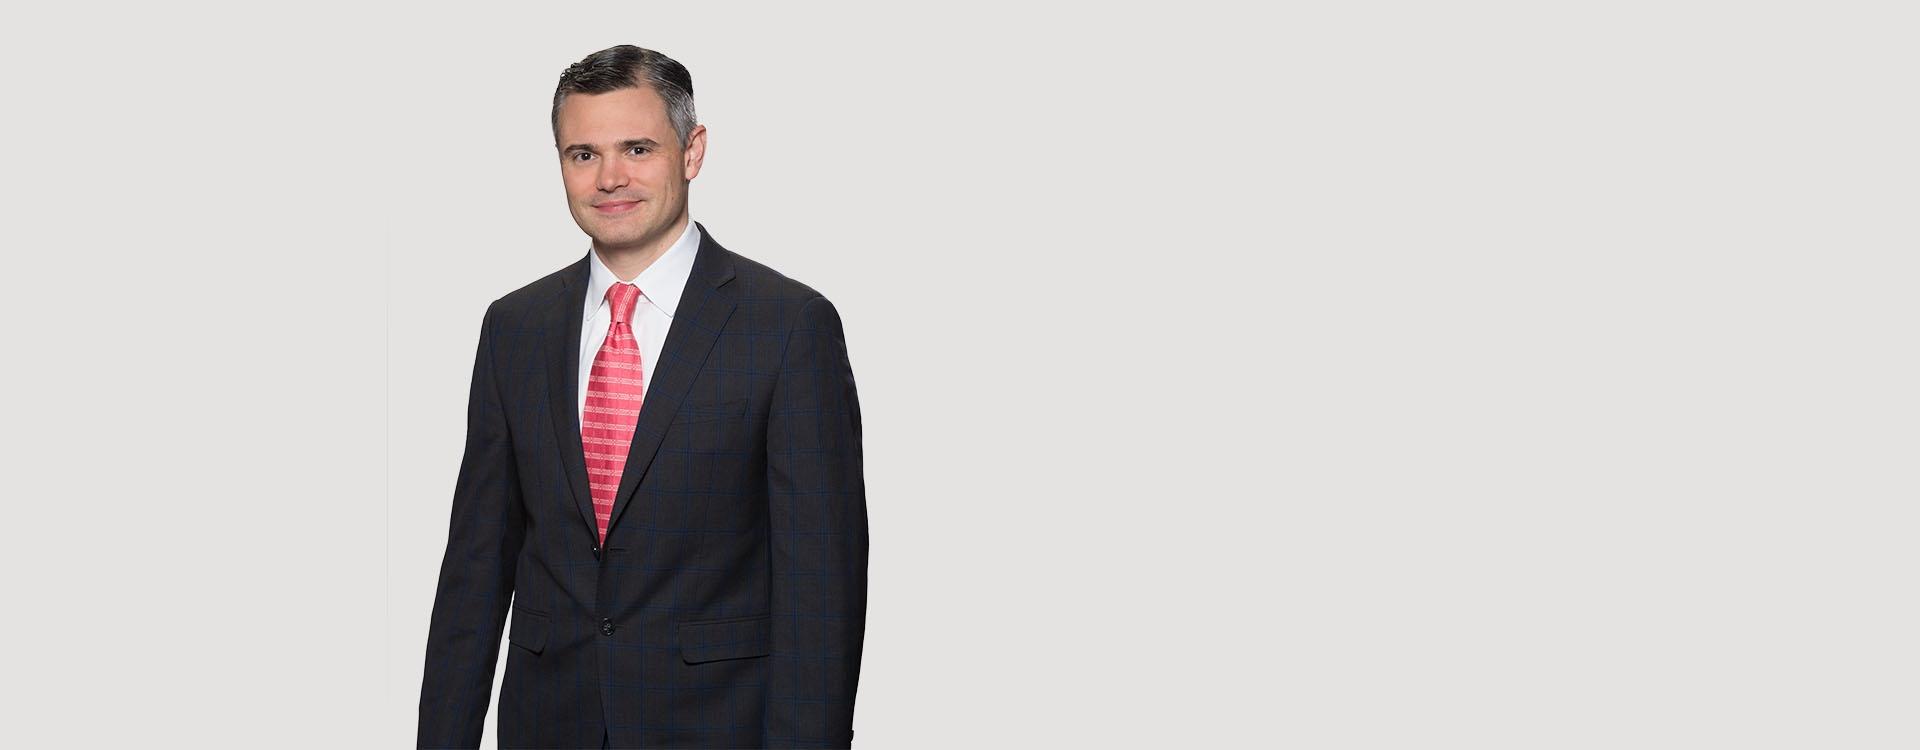 Nicholas J. Rohrer